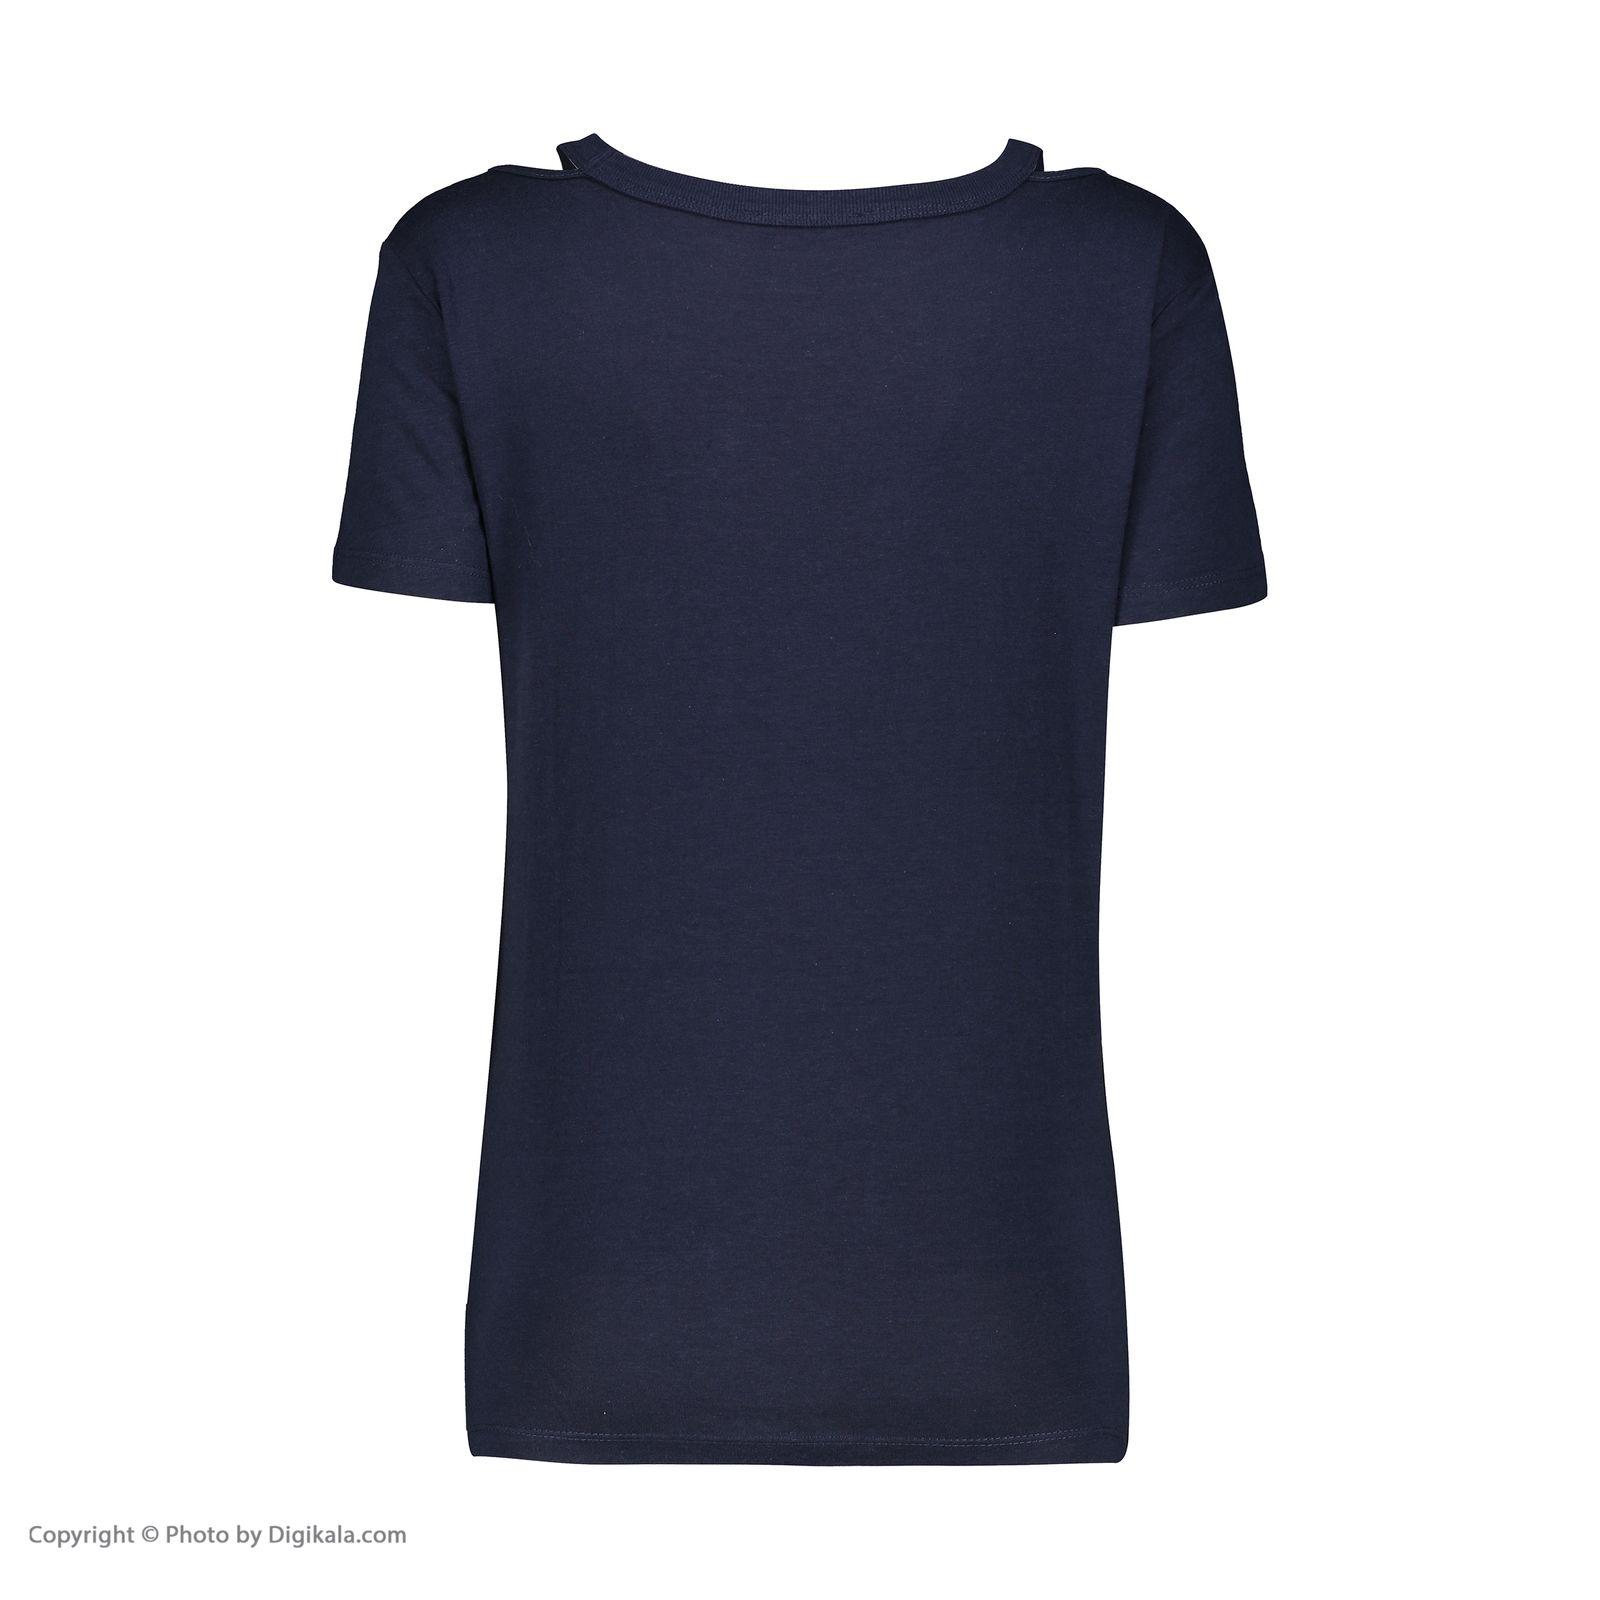 تی شرت زنانه کالینز مدل CL1032829-NAV main 1 3